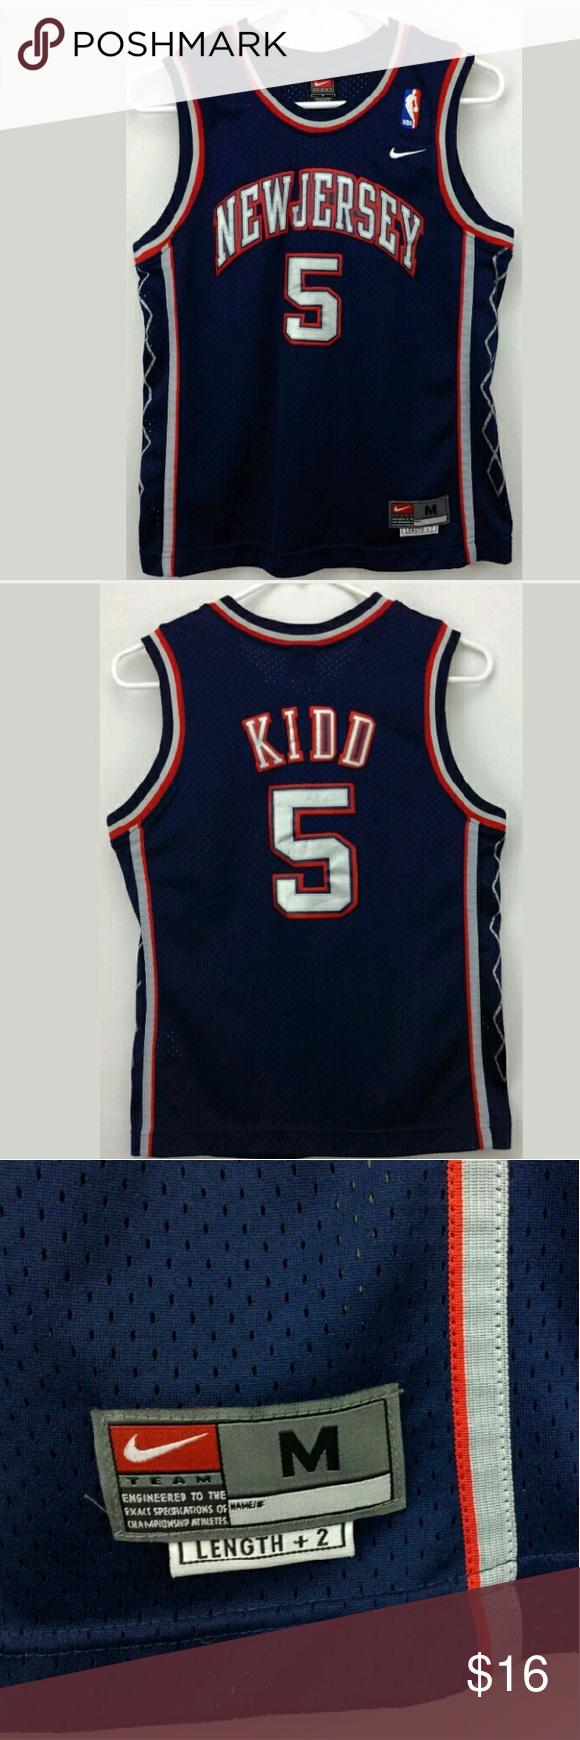 f72756d36 NBA NewJersey Nets Jason Kidd Basketball Jersey Vintage Nike NBA New Jersey  Nets Jason Kidd Basketball Jersey. Excellent Condition No Tears